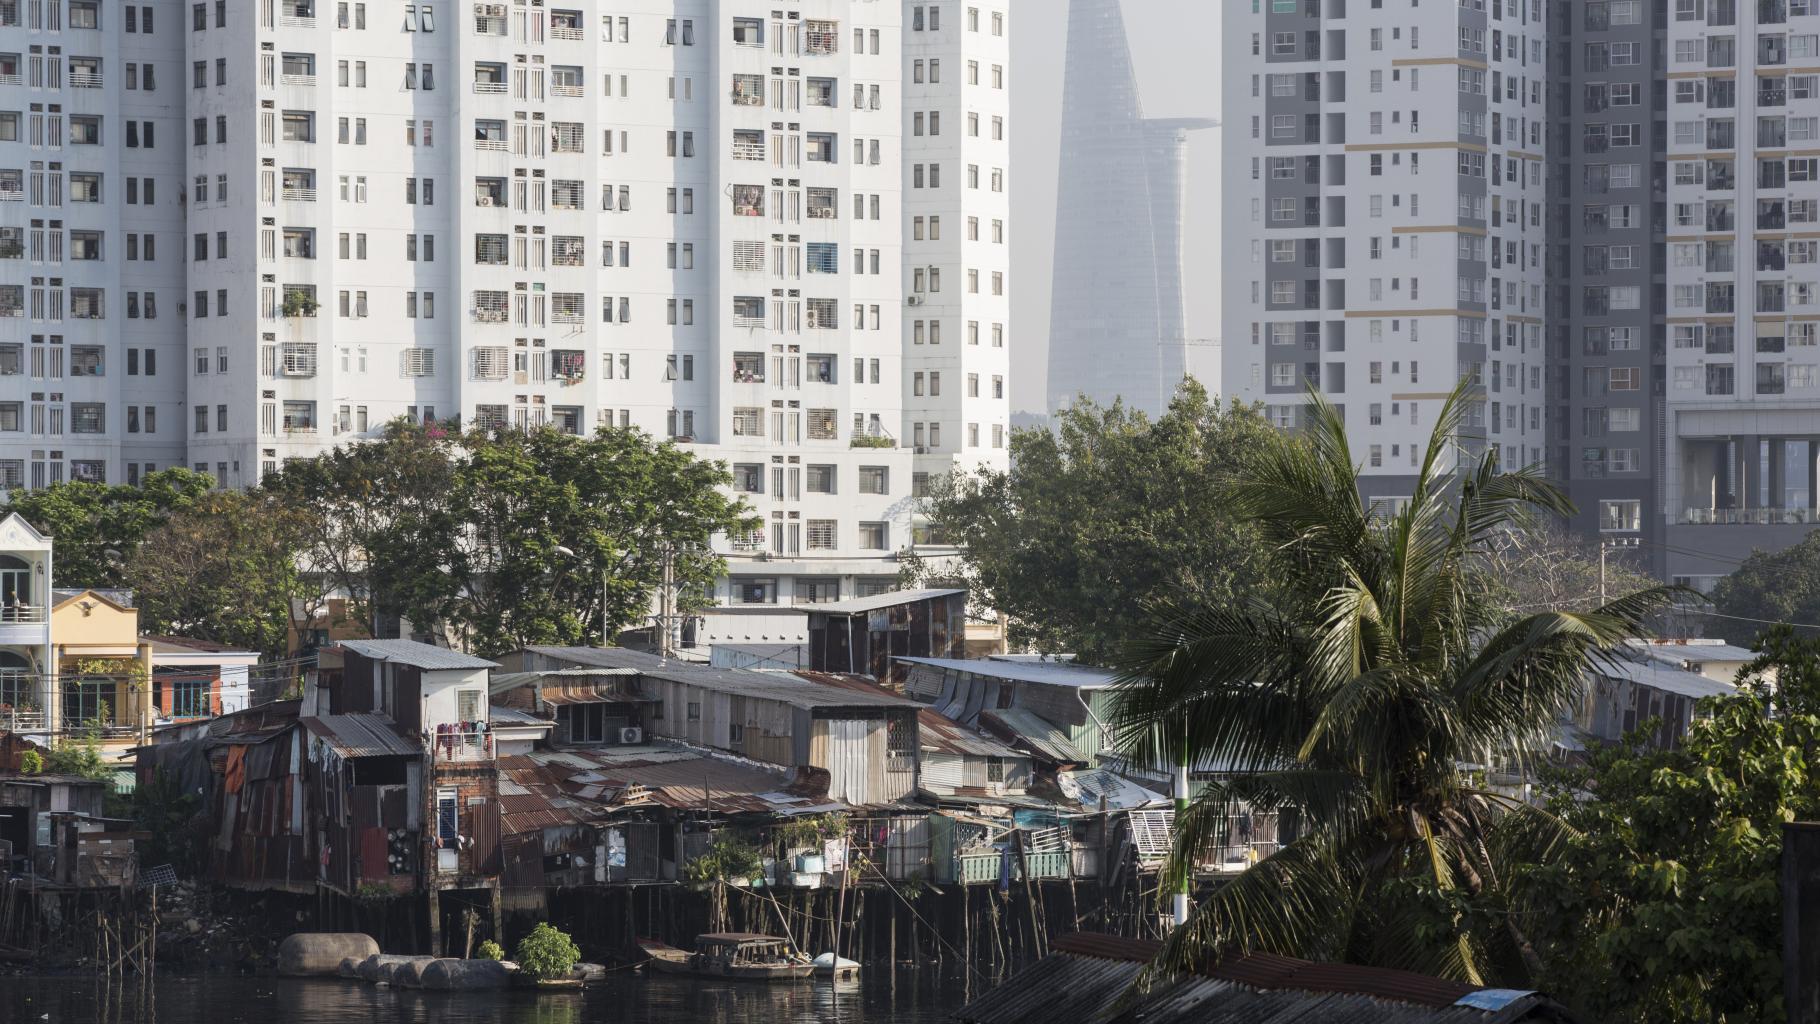 Notdürfitge auf Baumstämmen am Flußufer erbaute Unterkünfte, im Hintergrund moderne Wohn-und Bürogebäude und der Bitexco Financial Tower